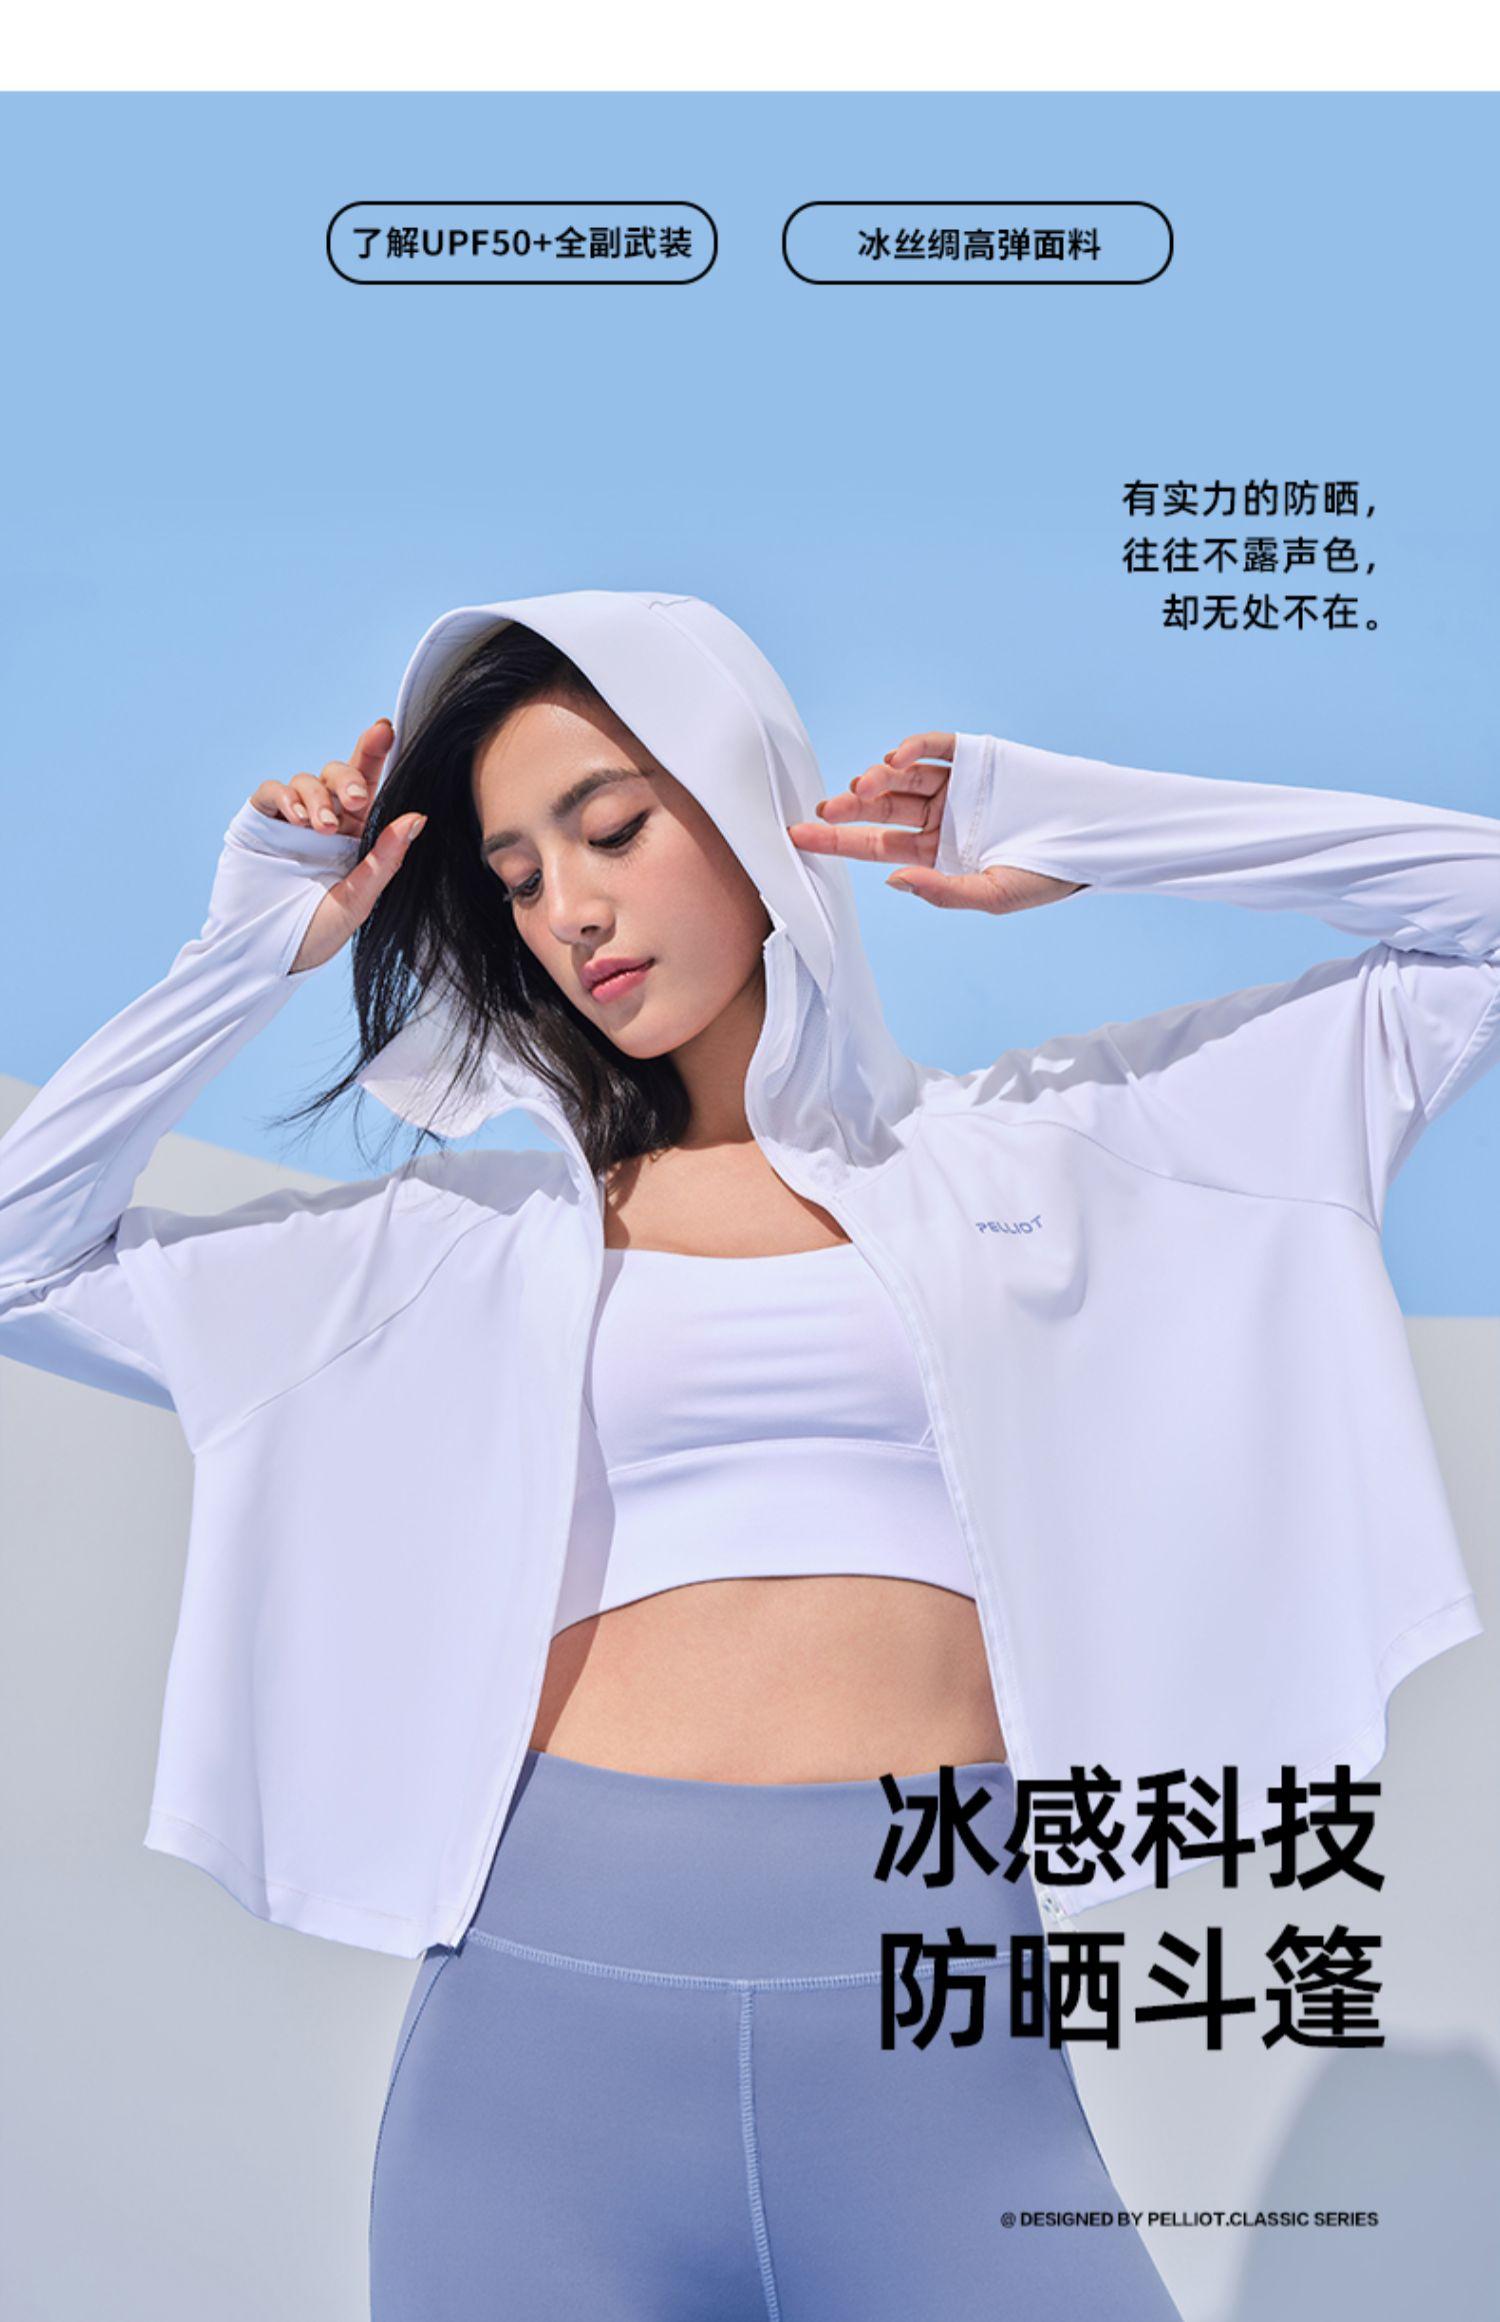 【欧阳娜娜推荐】冰丝长袖防晒衣女